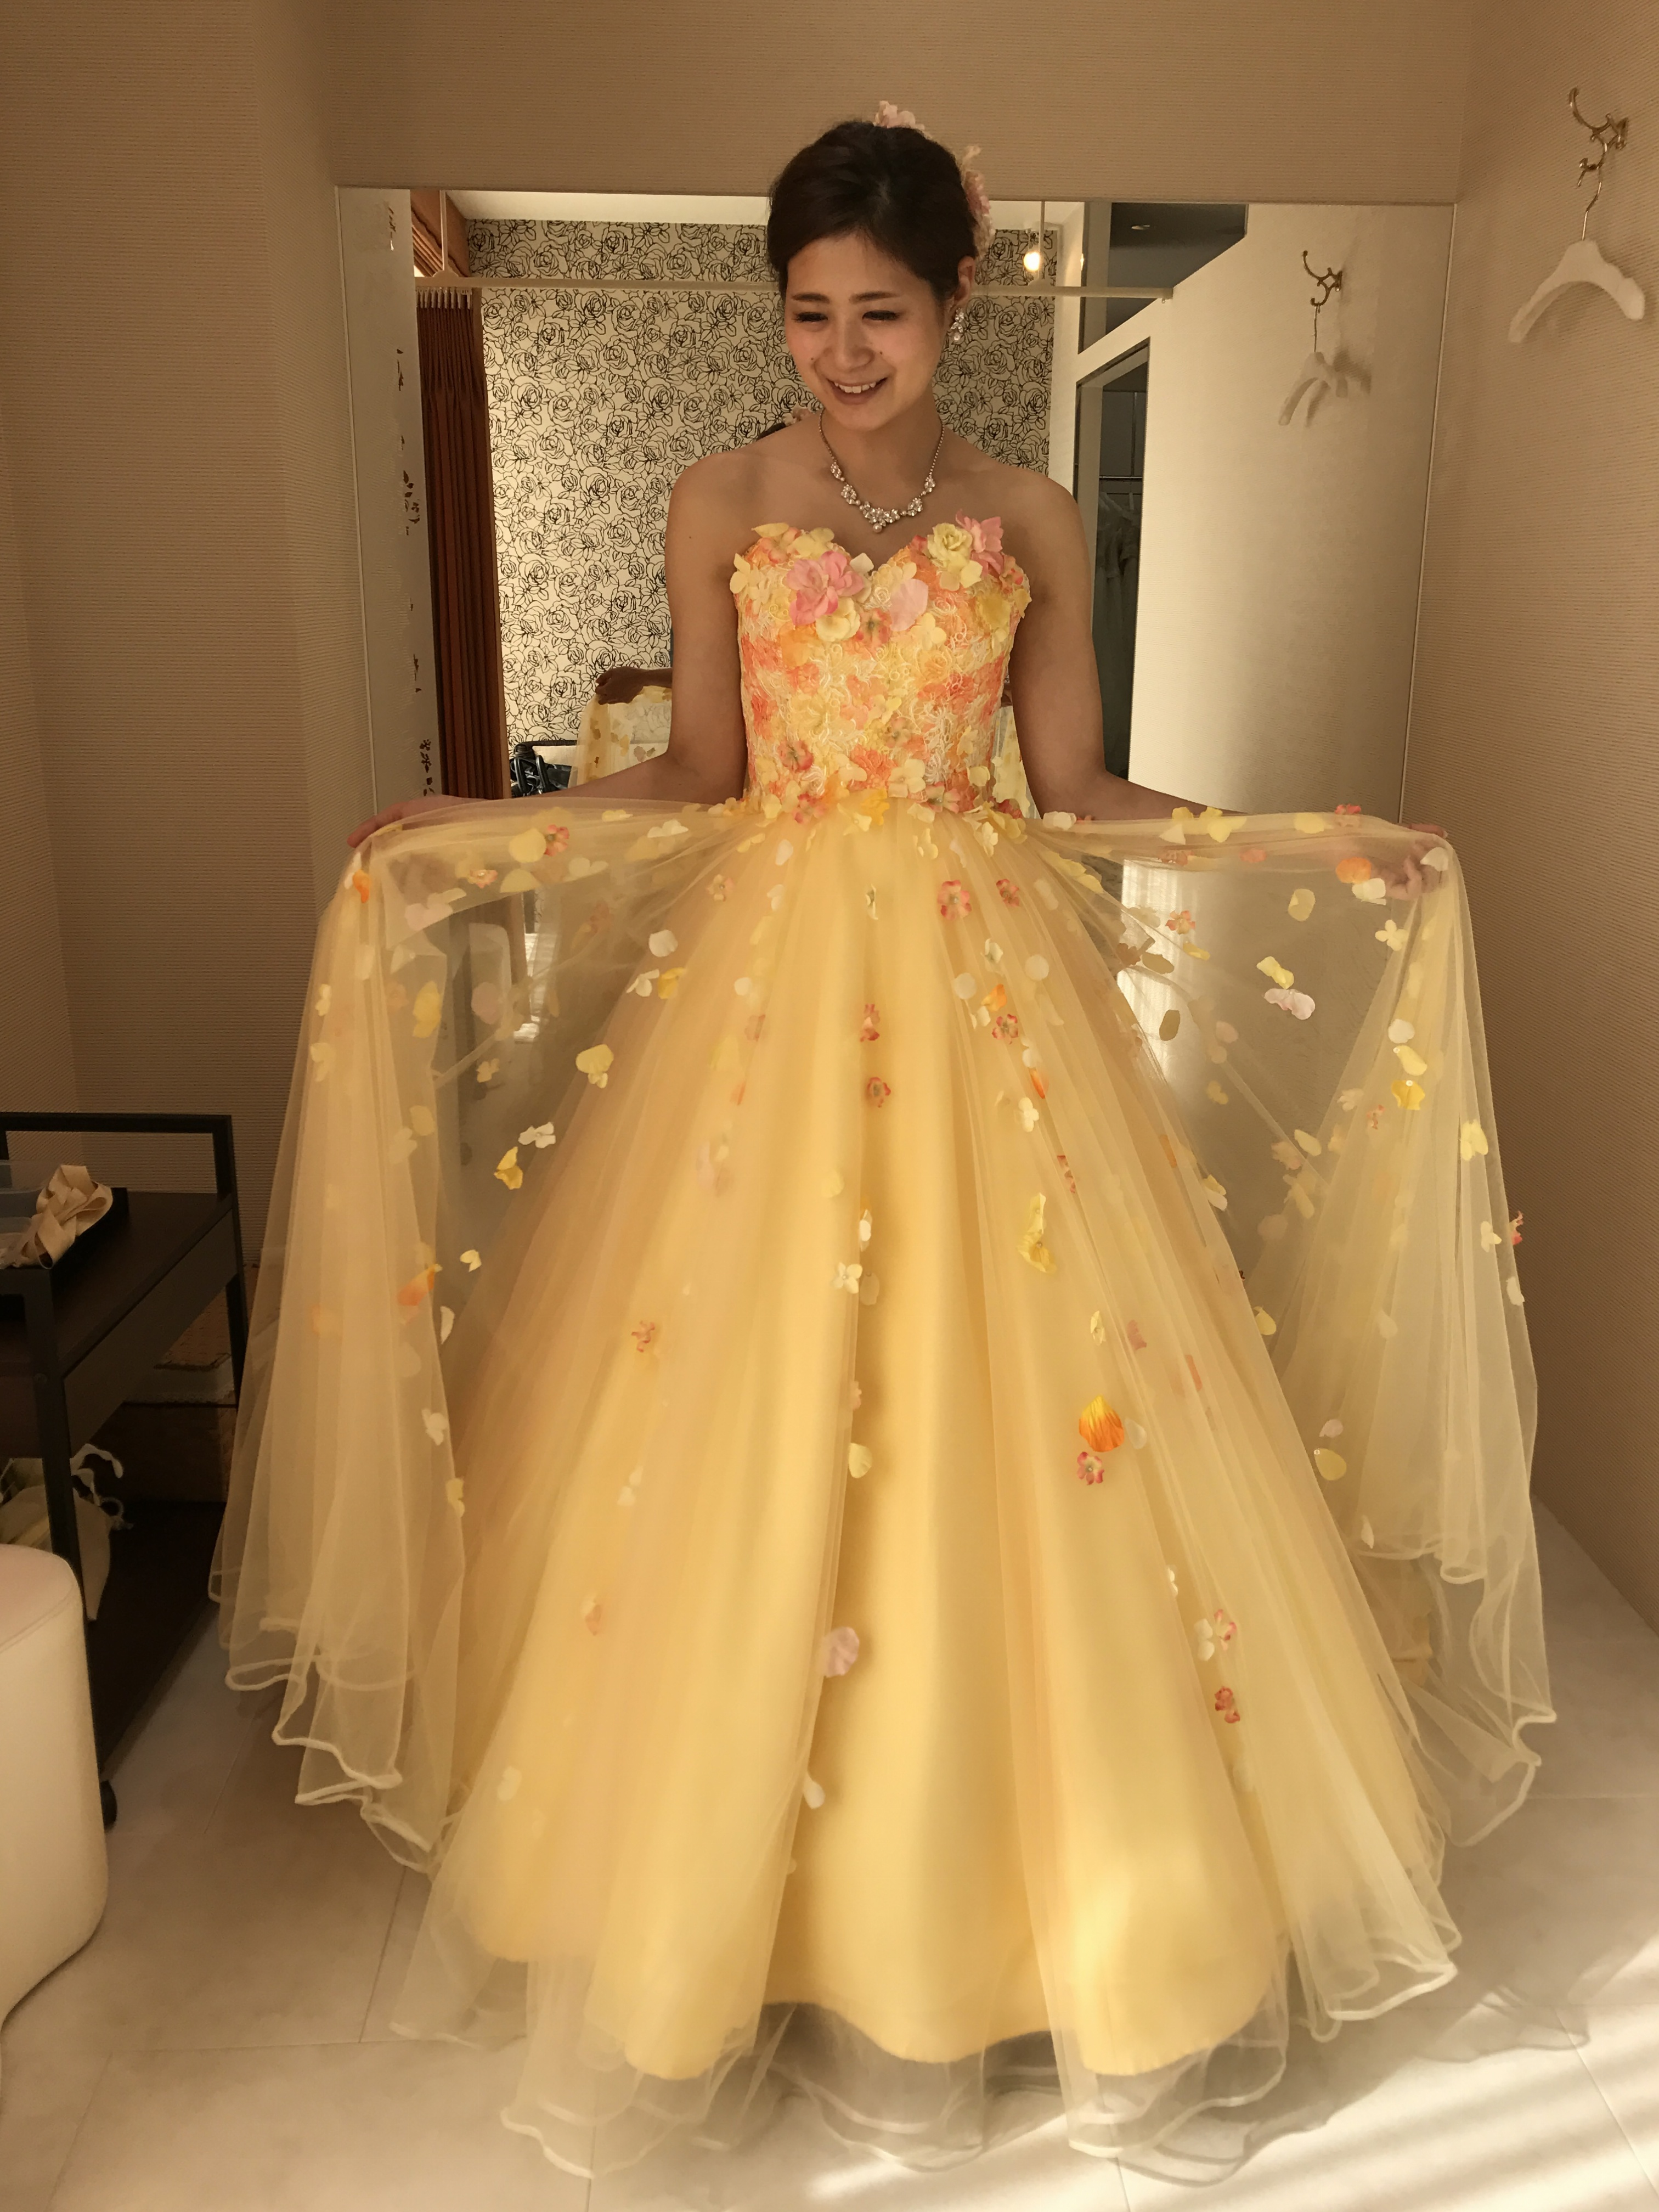 春の挙式にぴったりな春色カラーのドレス♡モアはぴ世代にも甘すぎないのがポイント♡_1